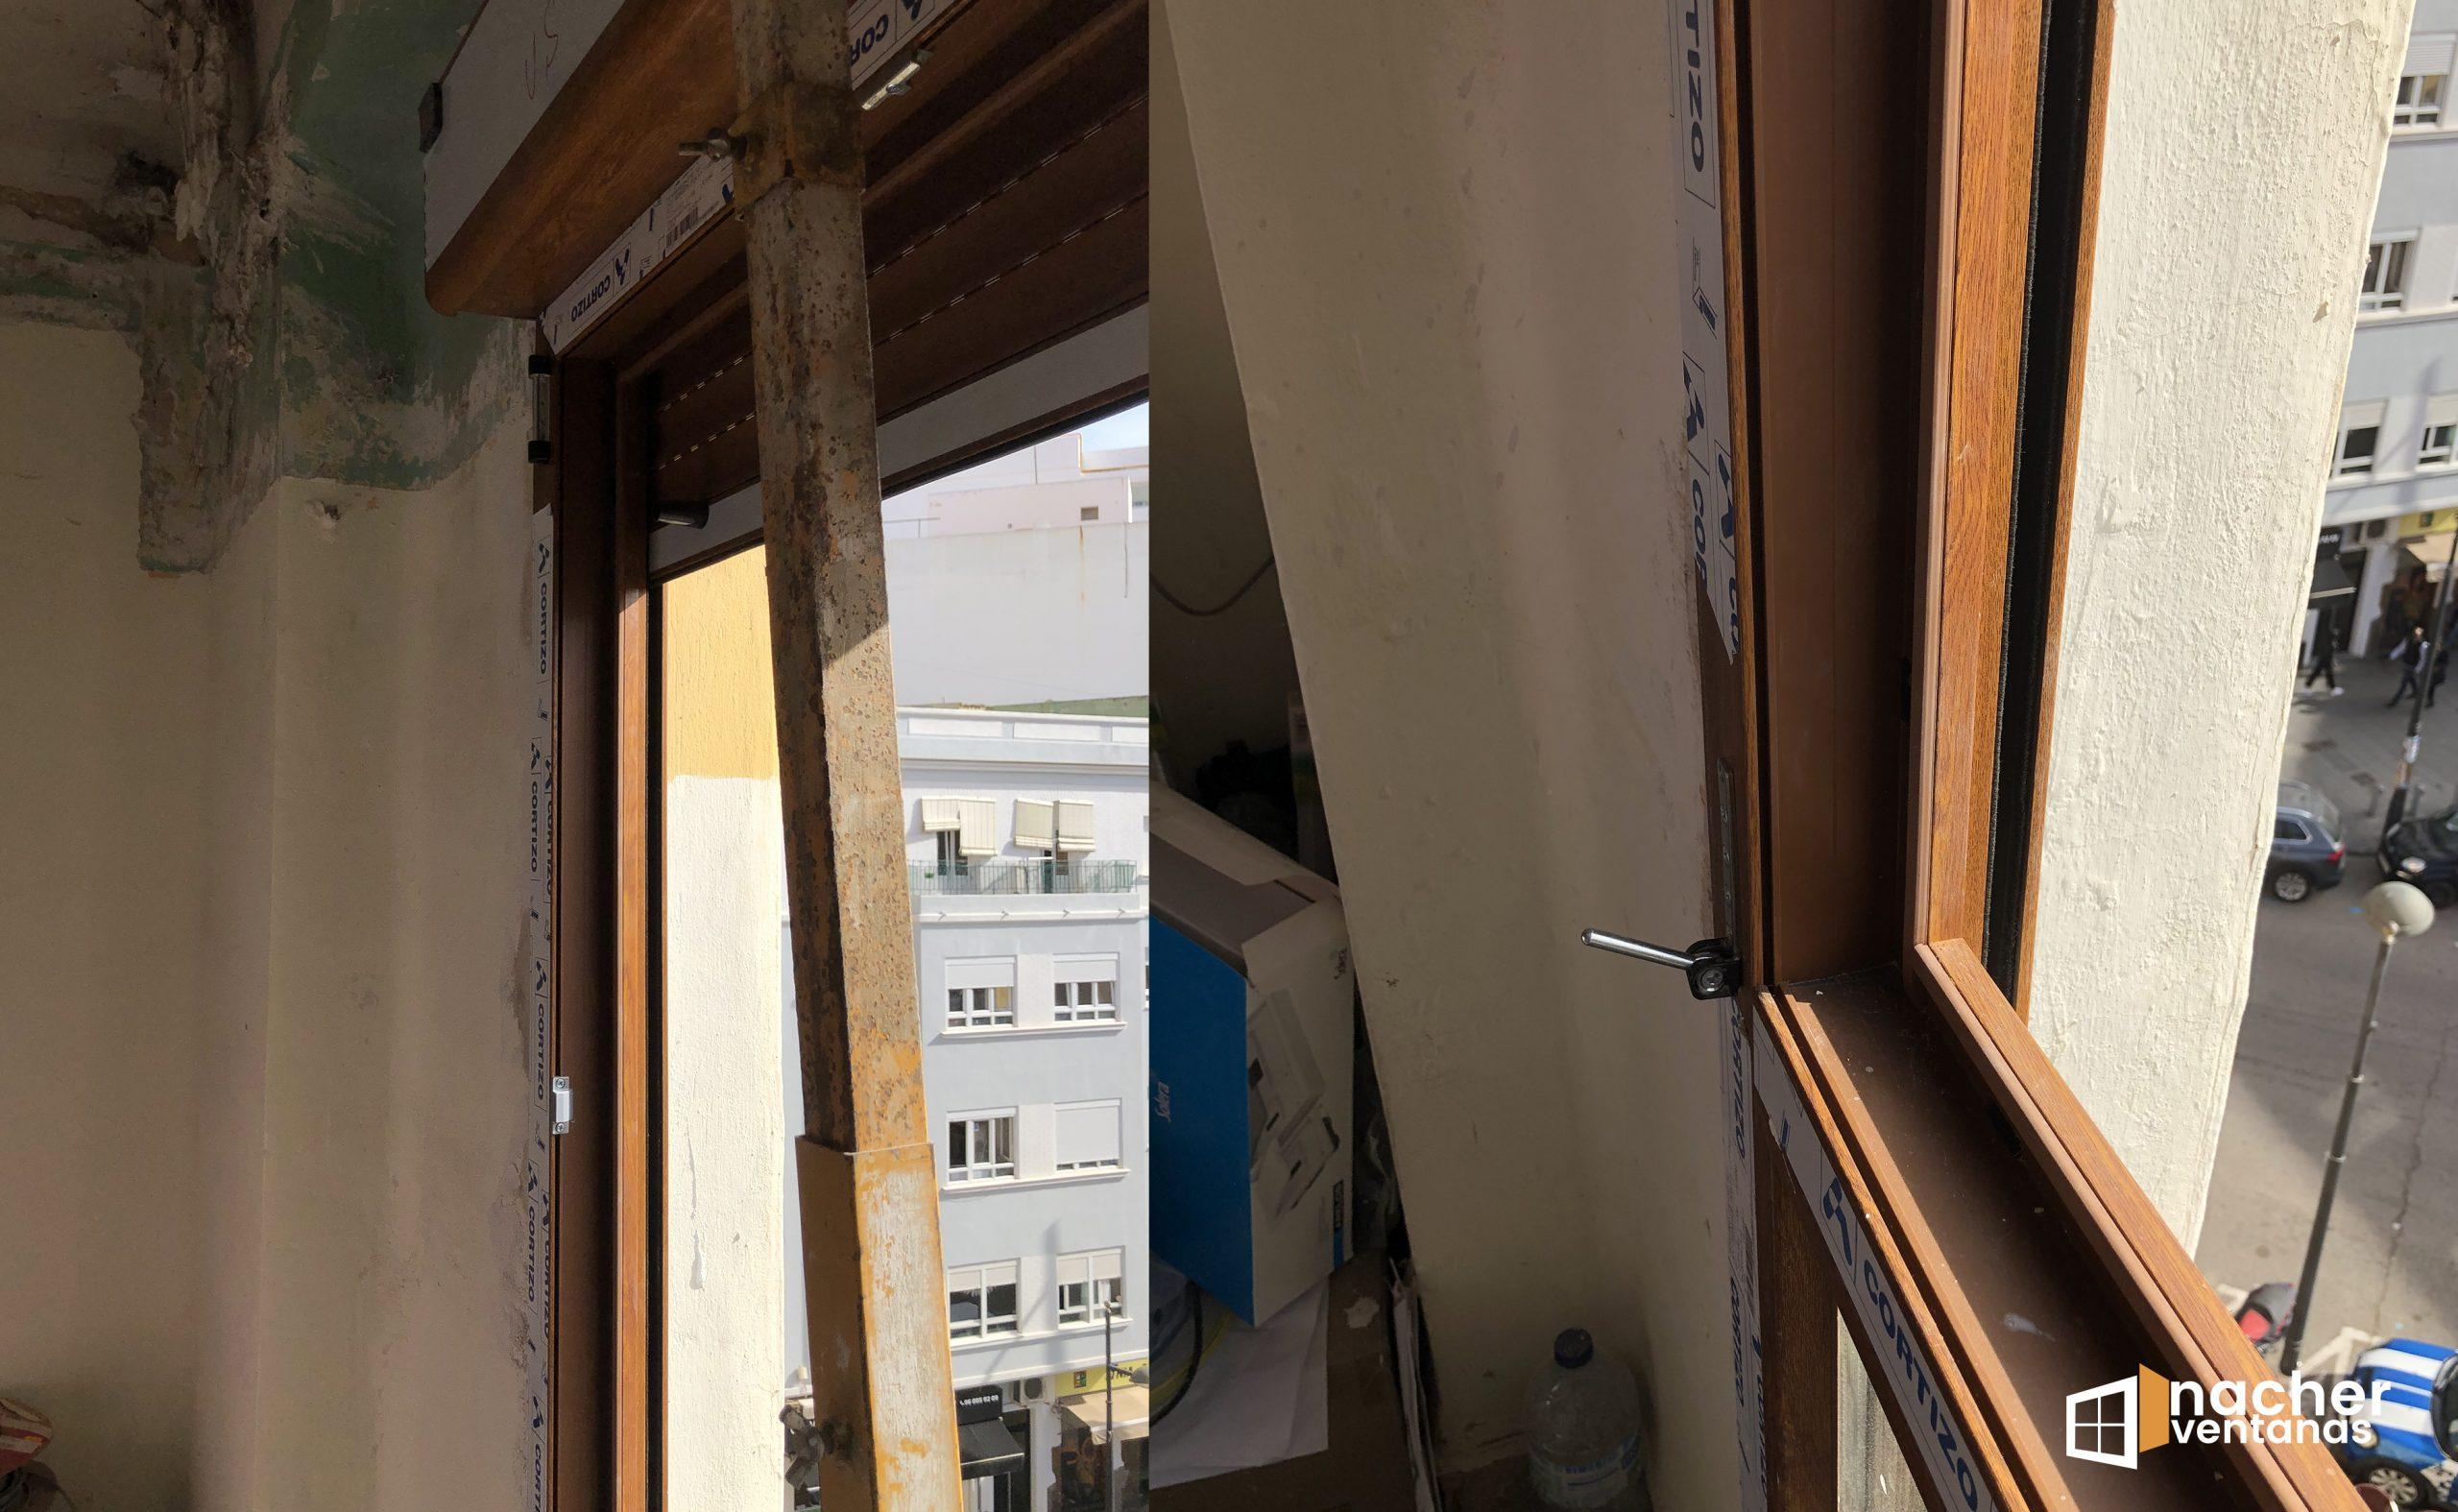 ventanas-pvc-valencia-al-mejor-precio